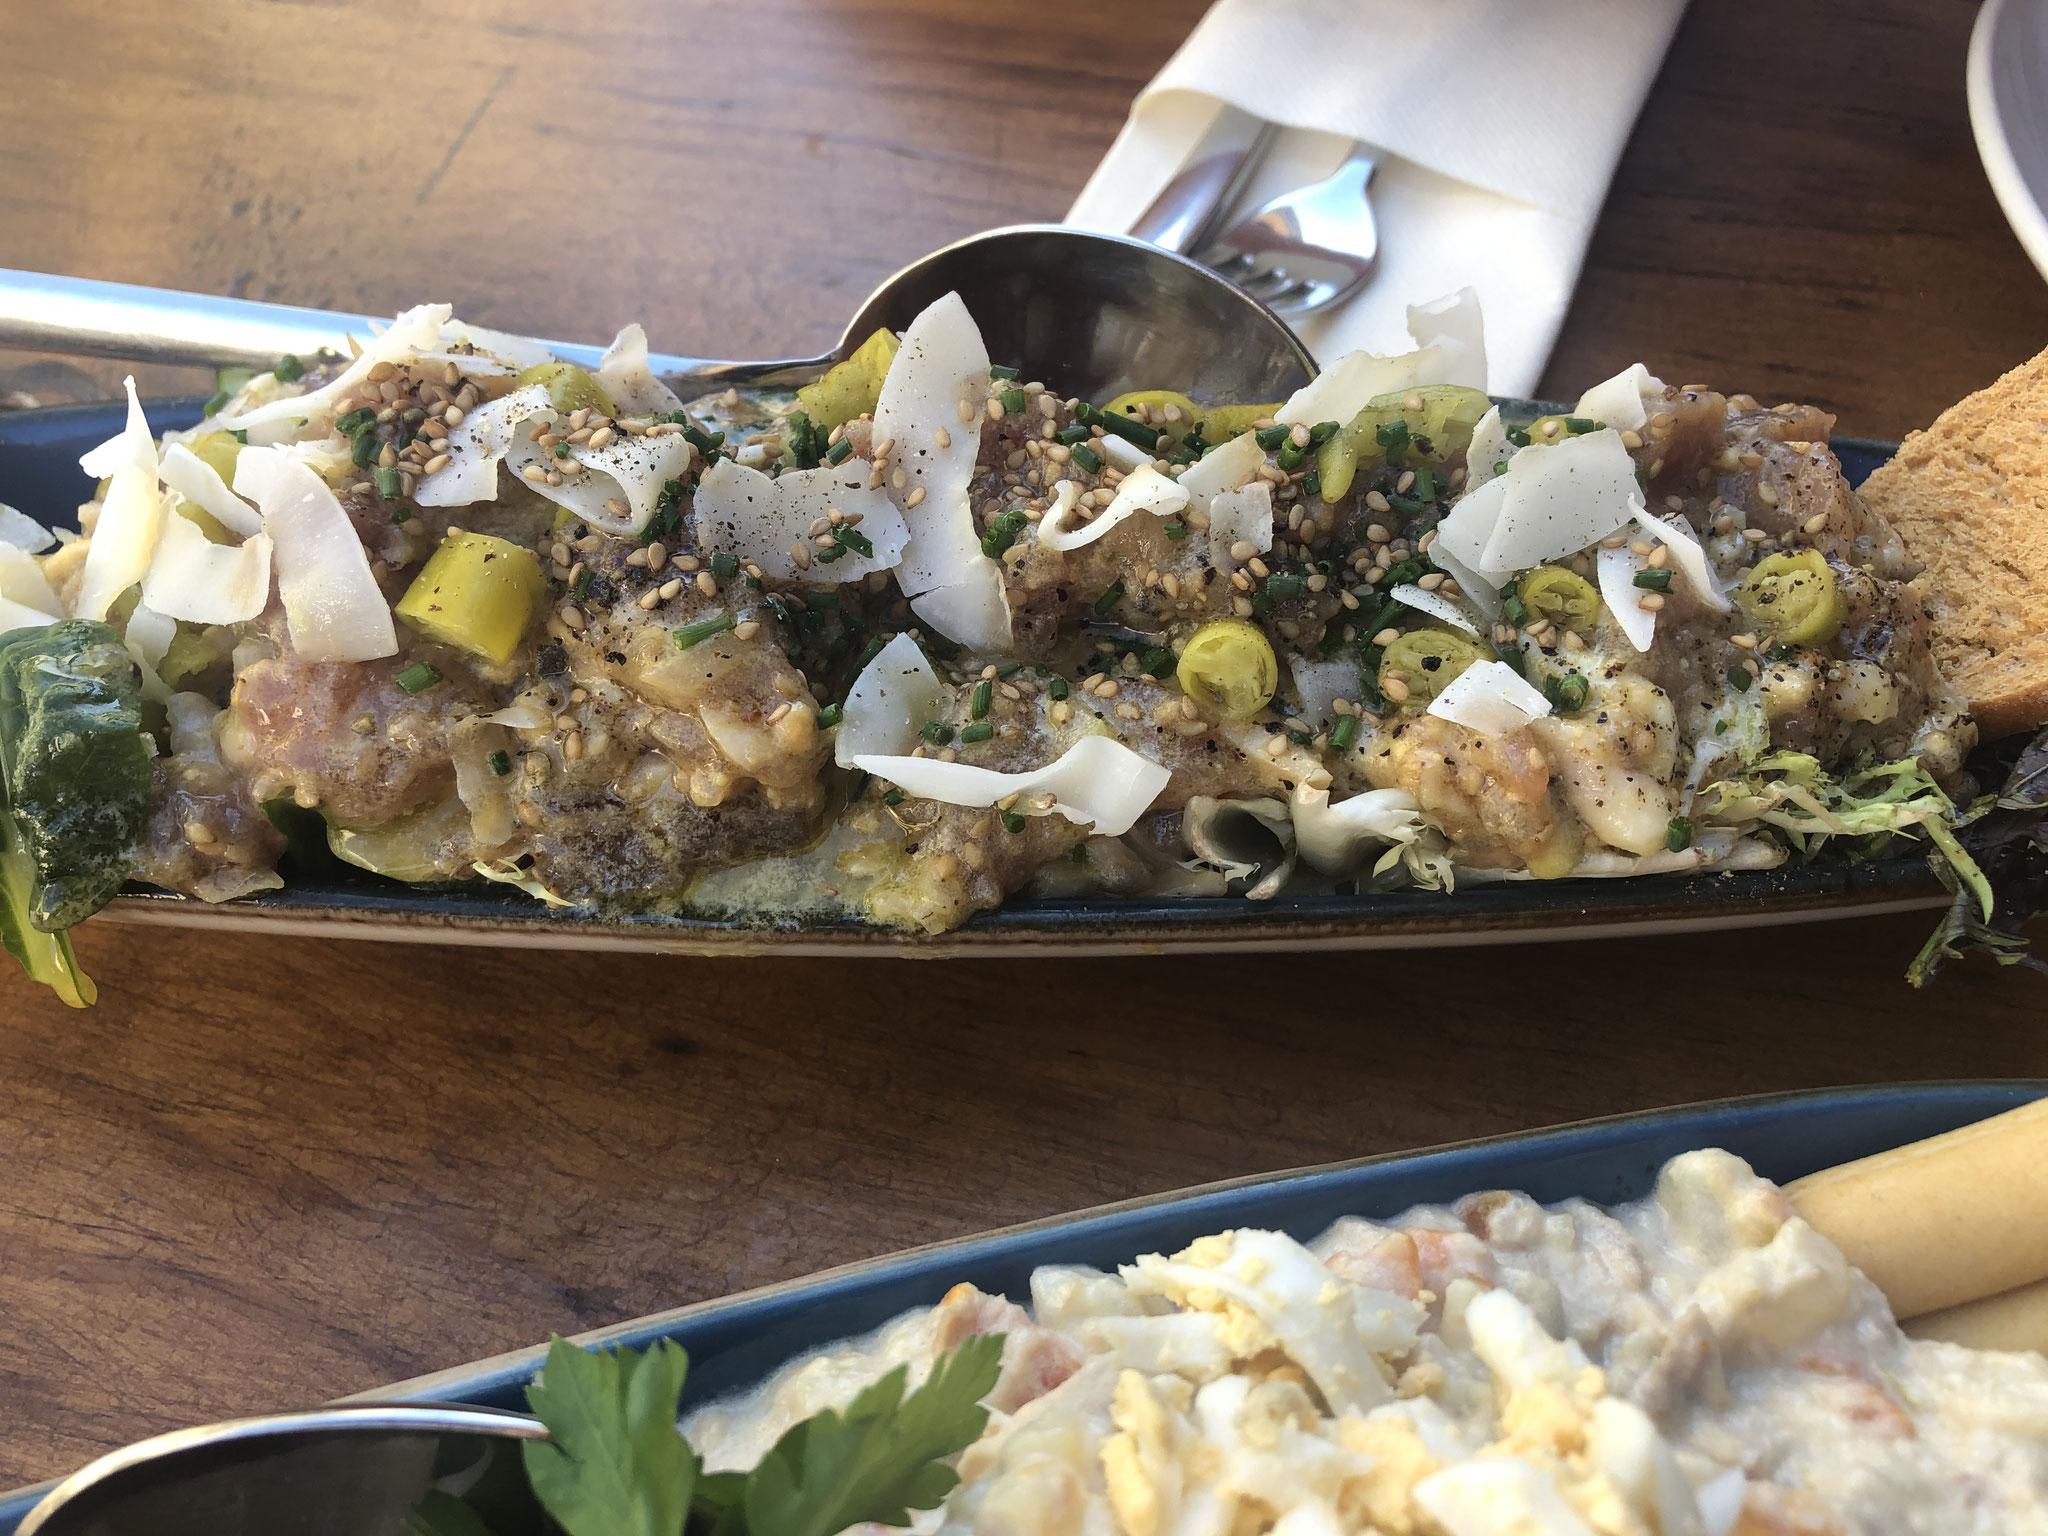 Thunfisch-Tartar mit Knoblauch und Sesam-Senf Vinaigrette